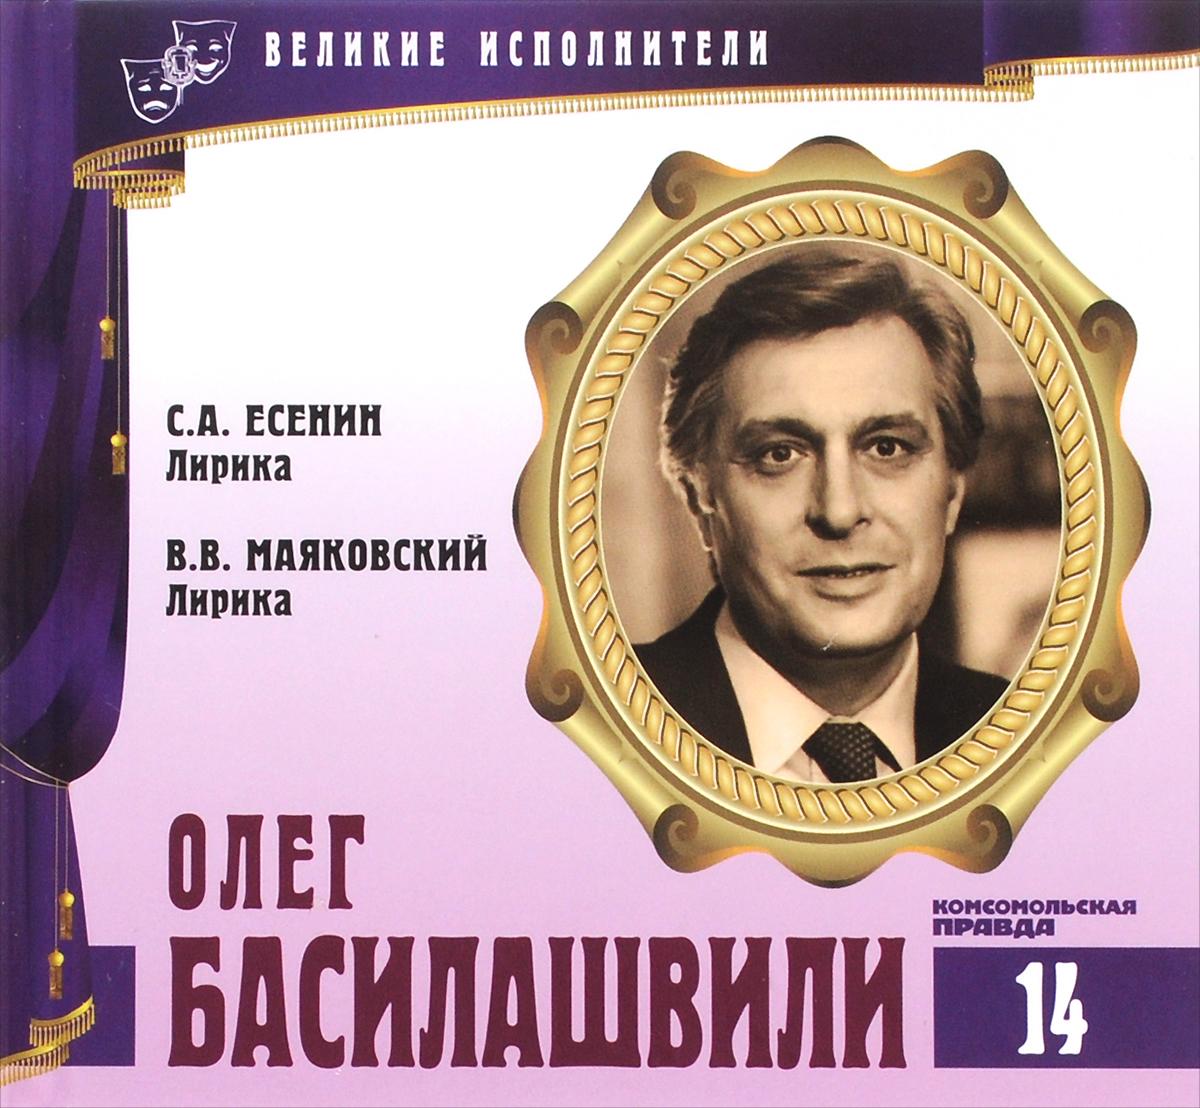 Великие исполнители. Том 14. С. А. Есенин. Лирика. В. В. Маяковский. Лирика (аудиокнига CD) ( 978-5-87107-320-9 )